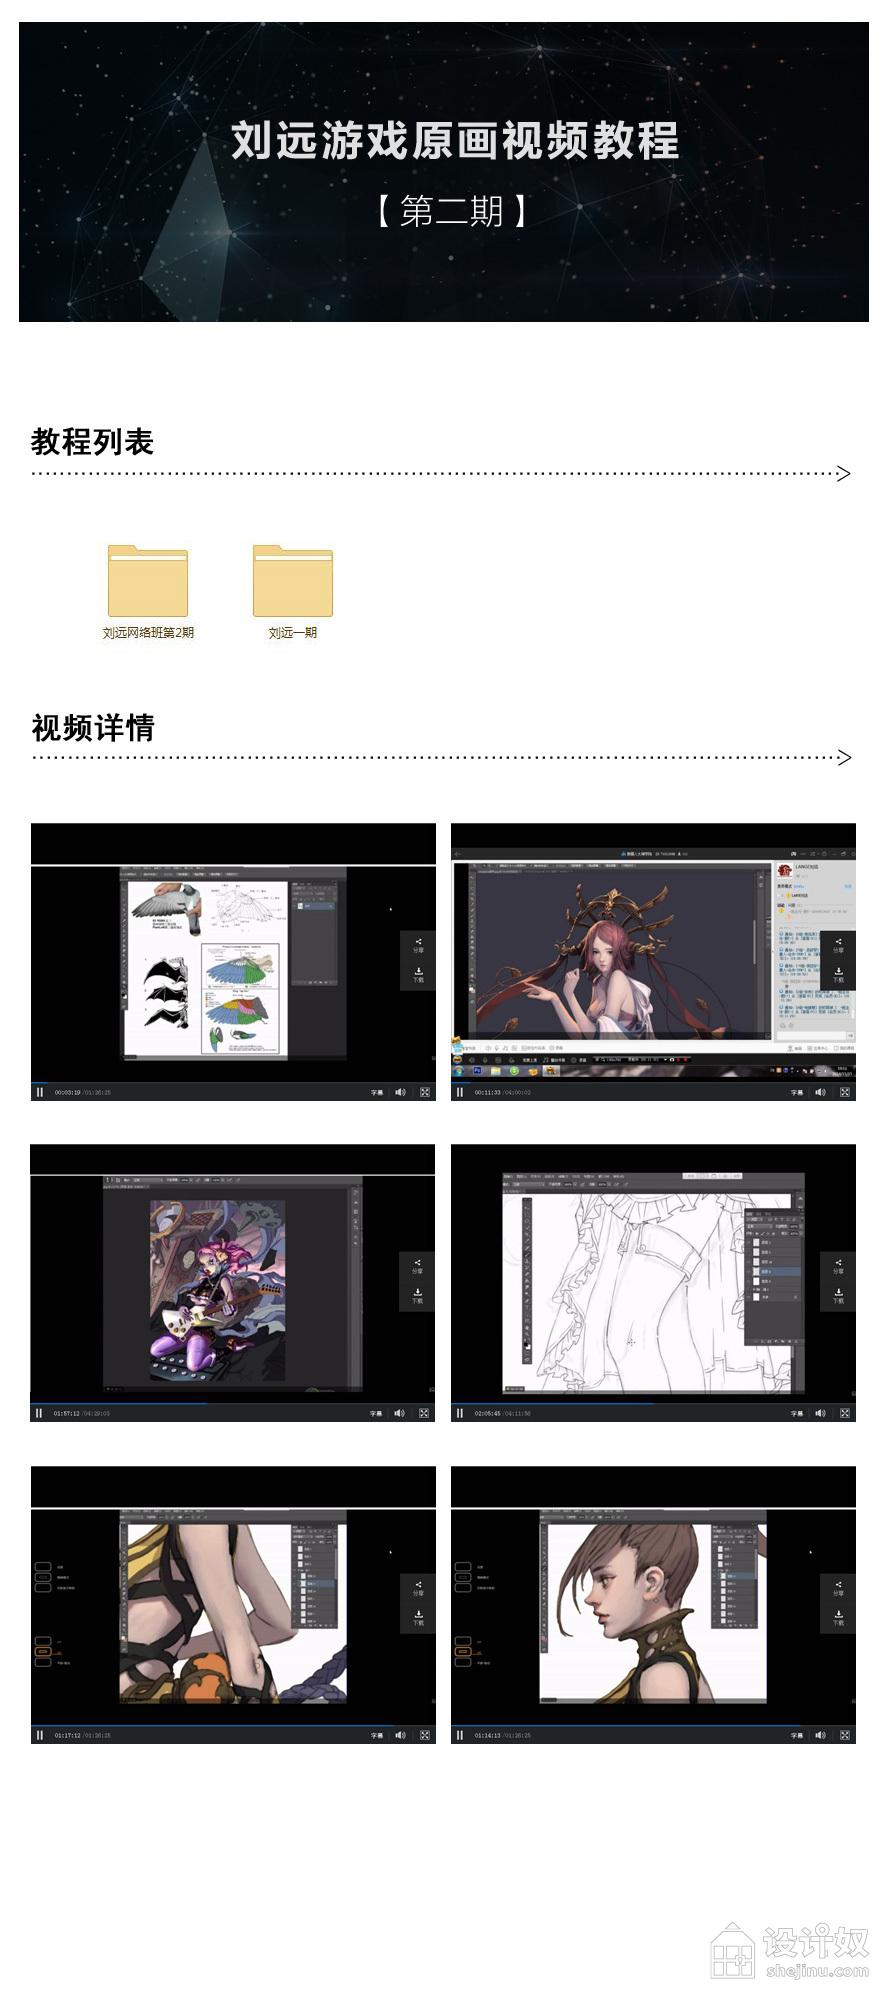 刘远游戏原画视频教程(第二期)